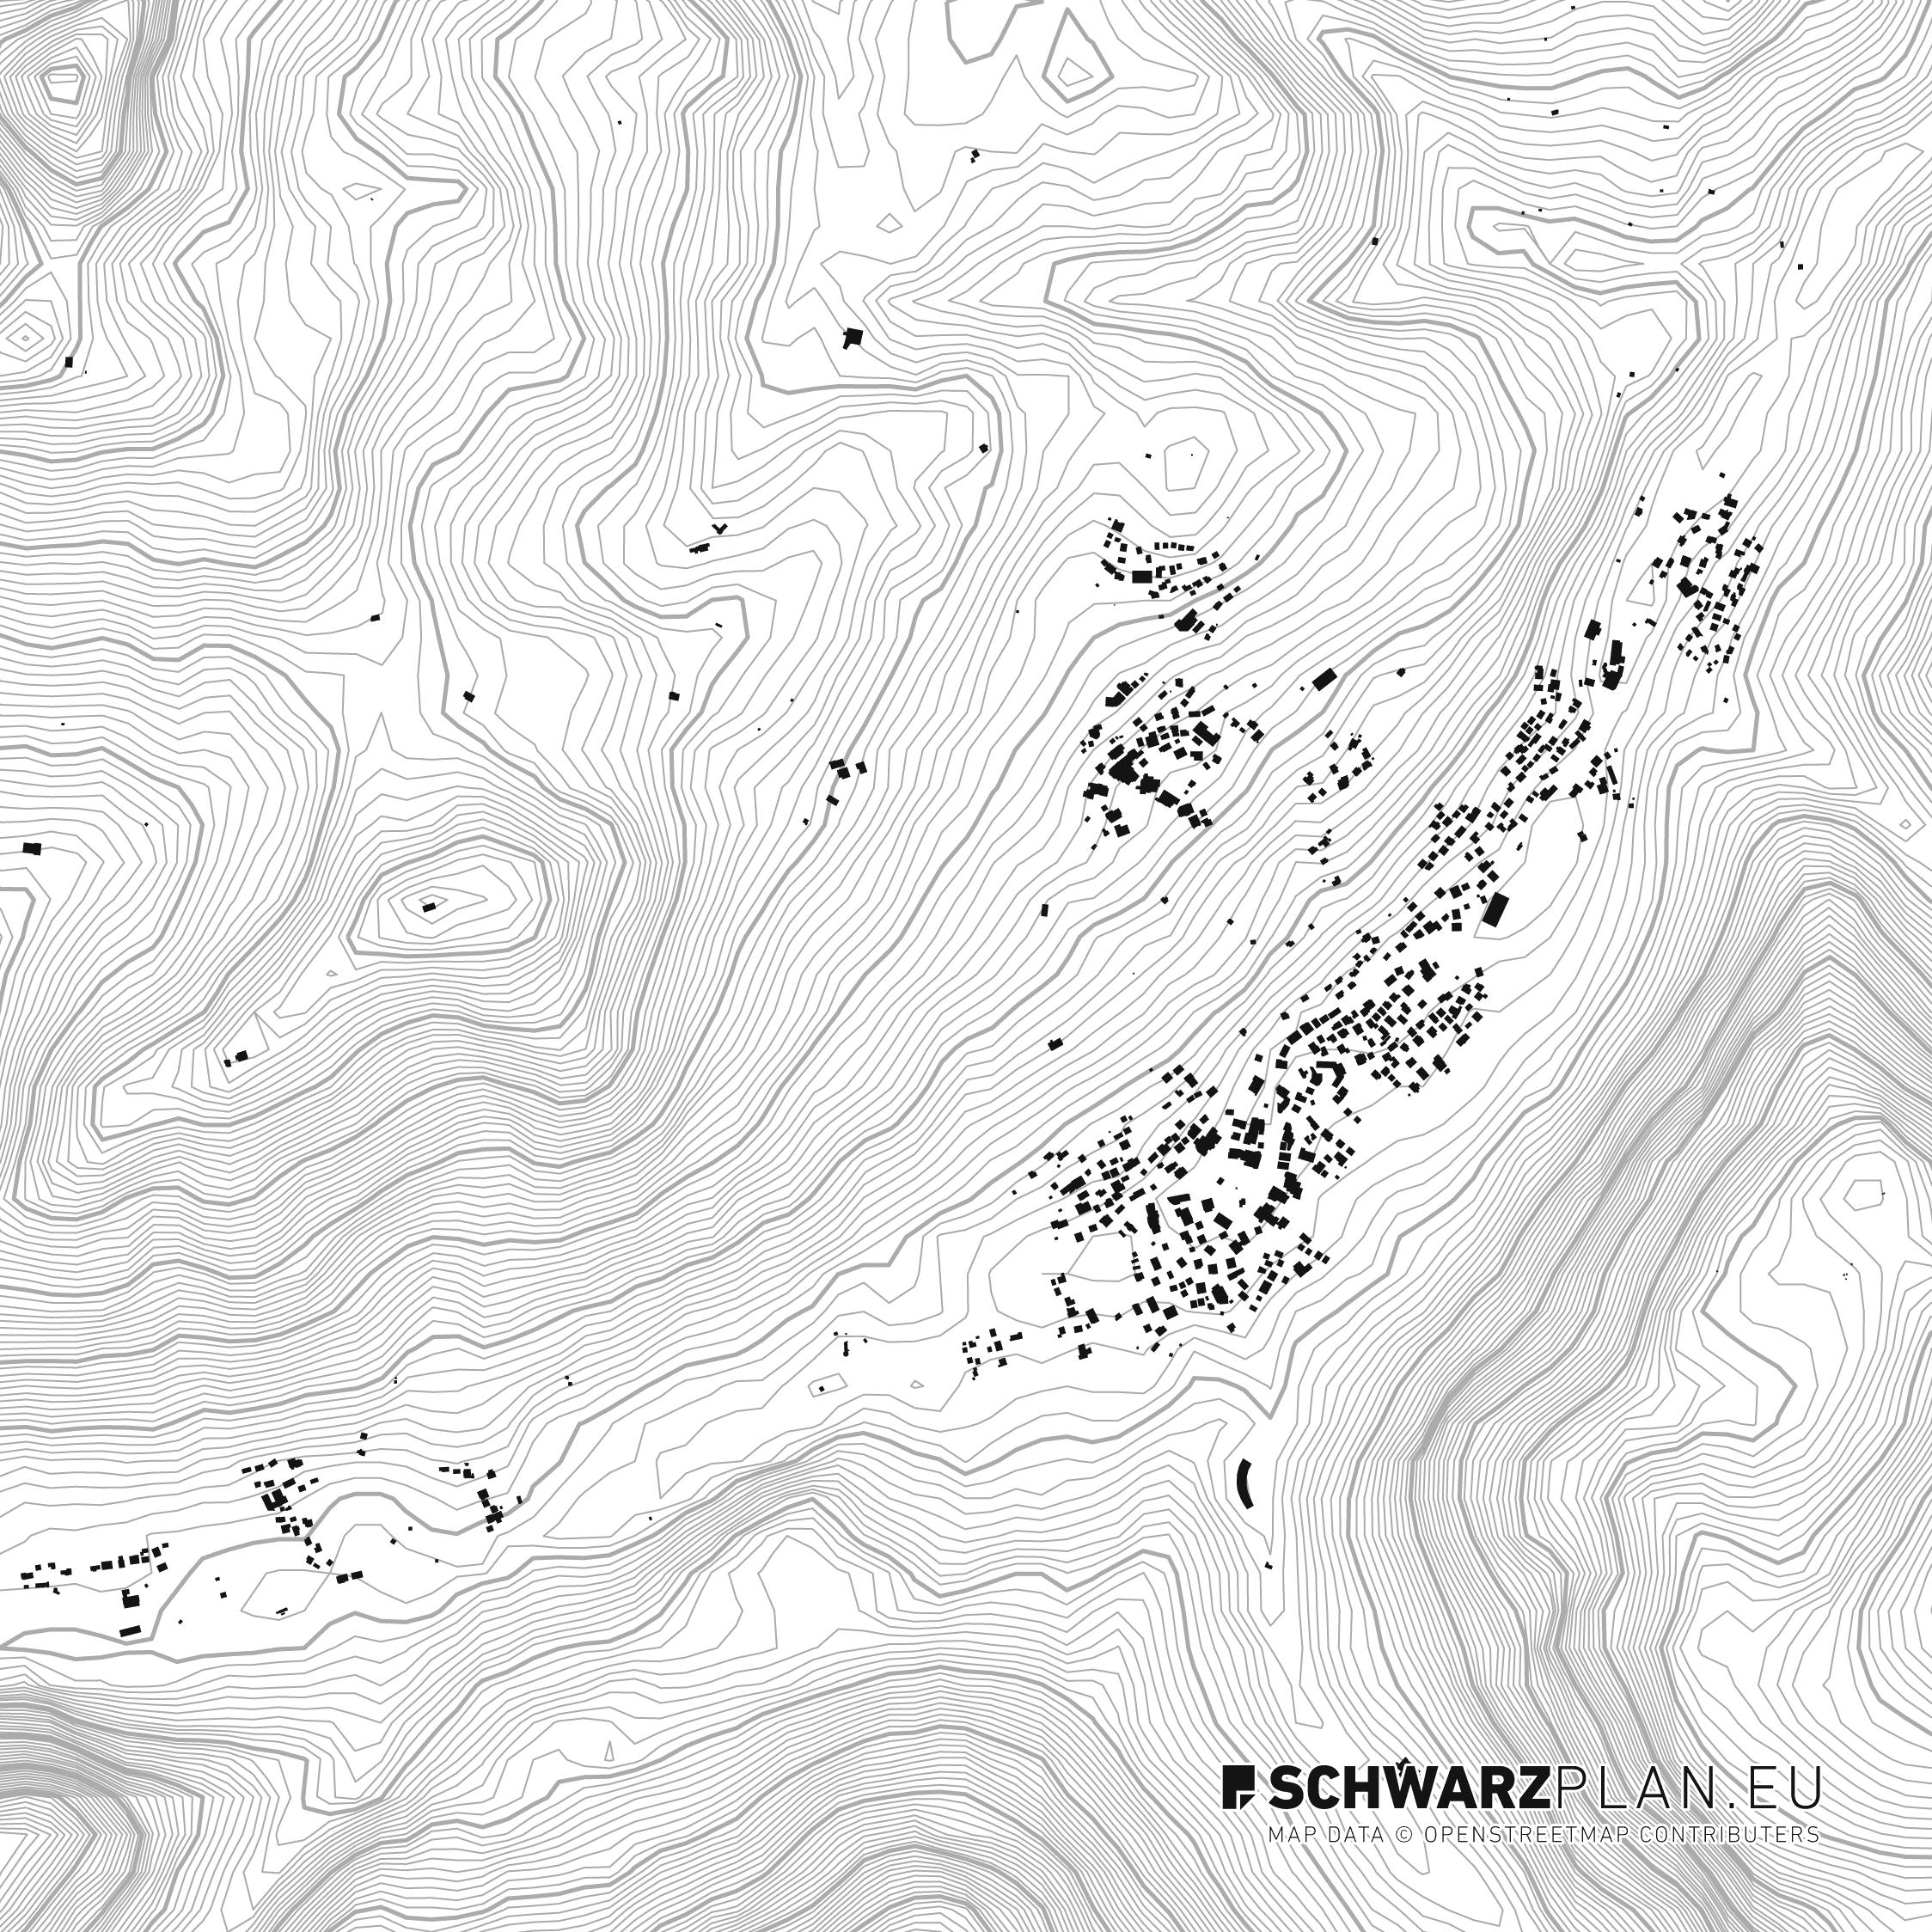 Schwarzplan von Lech und Zug in Österreich